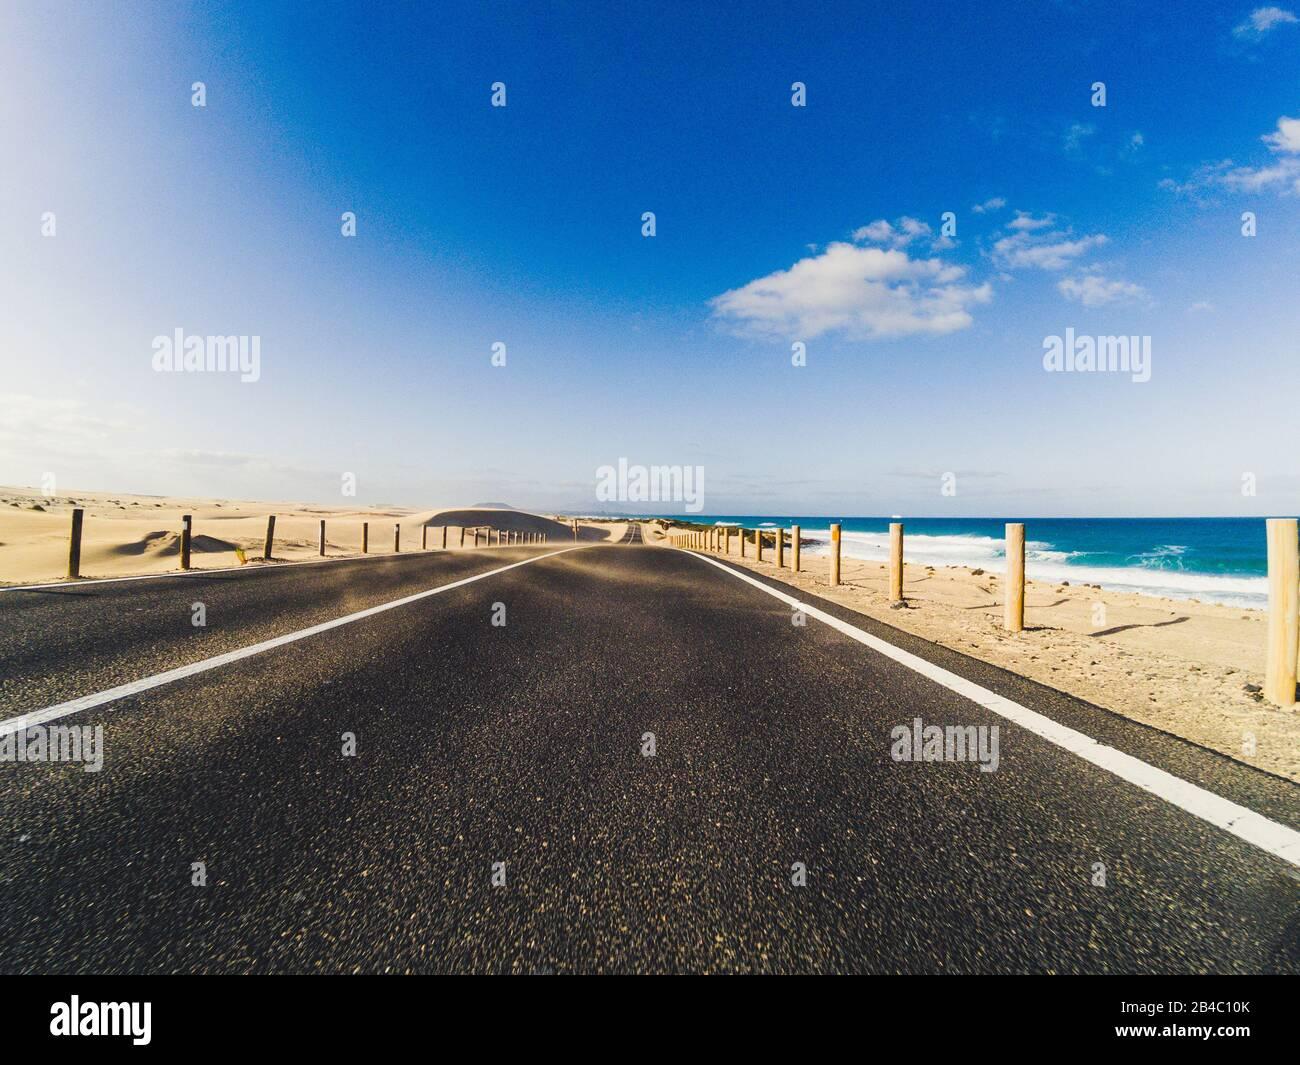 Route à long chemin pour le concept de transport de voiture de voyage avec désert et plage sur le côté - eau de mer et ciel bleu clair en arrière-plan - effet de mouvement Banque D'Images